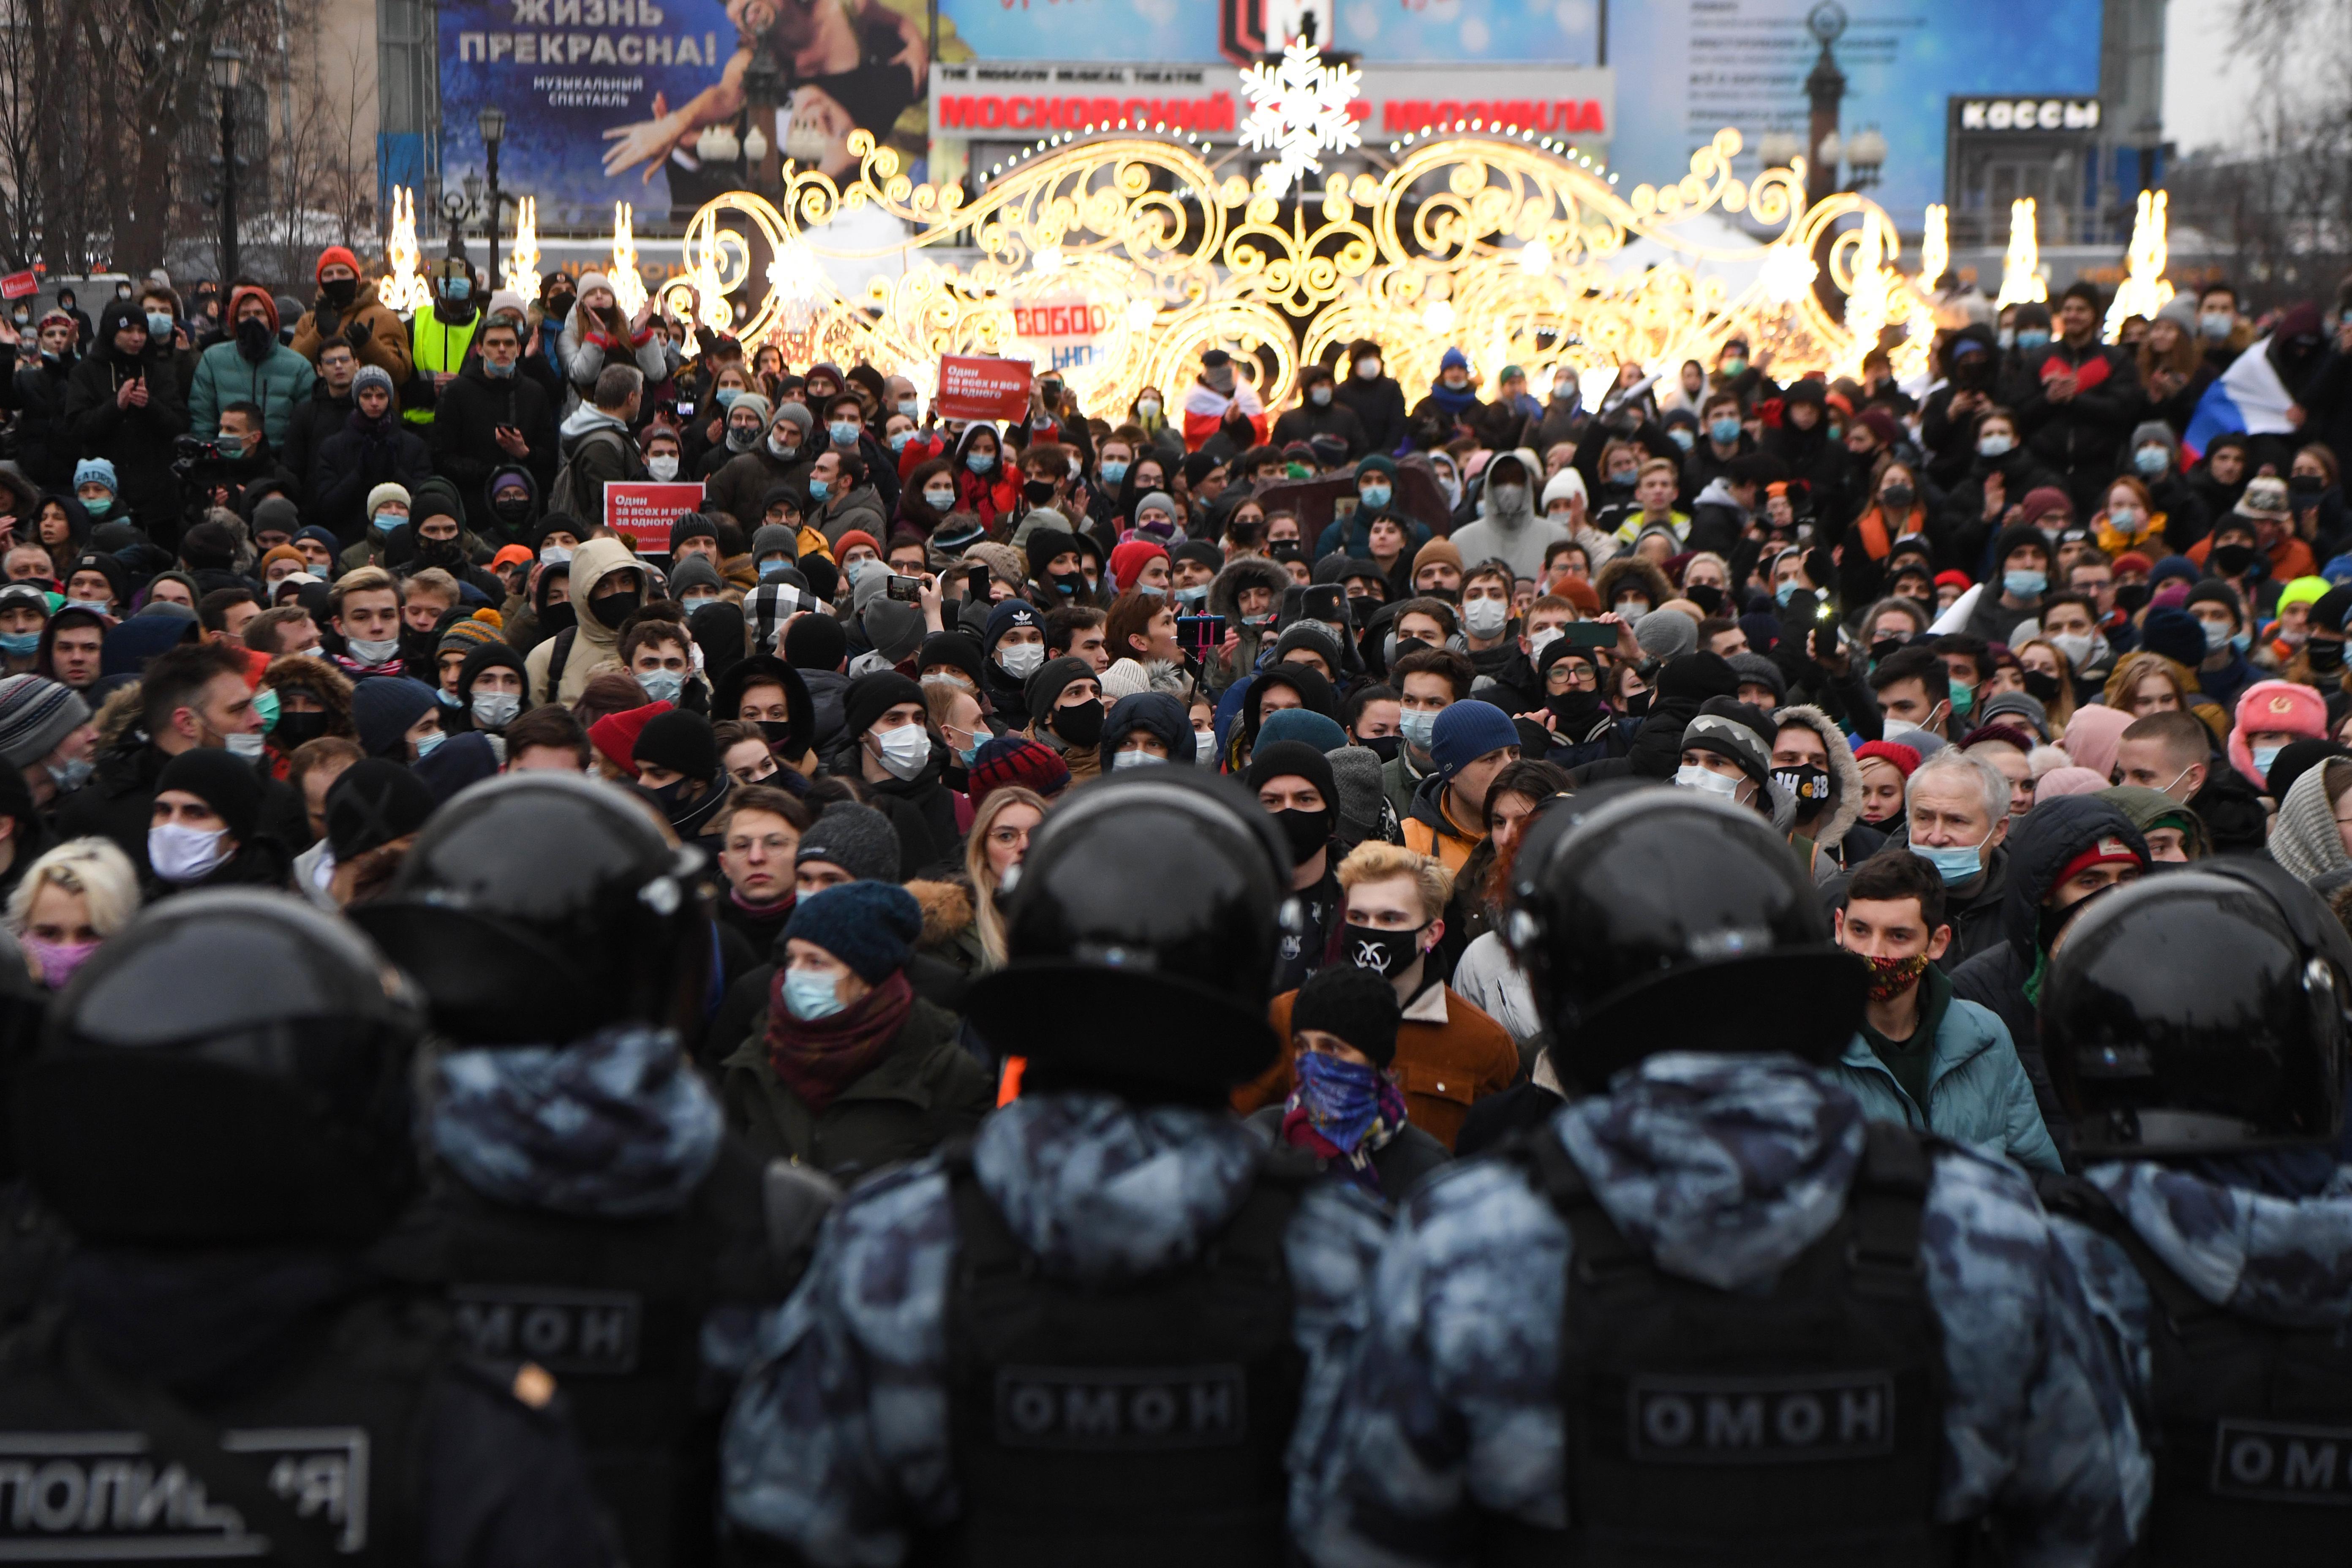 Több tízezer tüntető, kétezernél is több előállítás: rég nem volt ekkora Putyin-ellenes megmozdulás